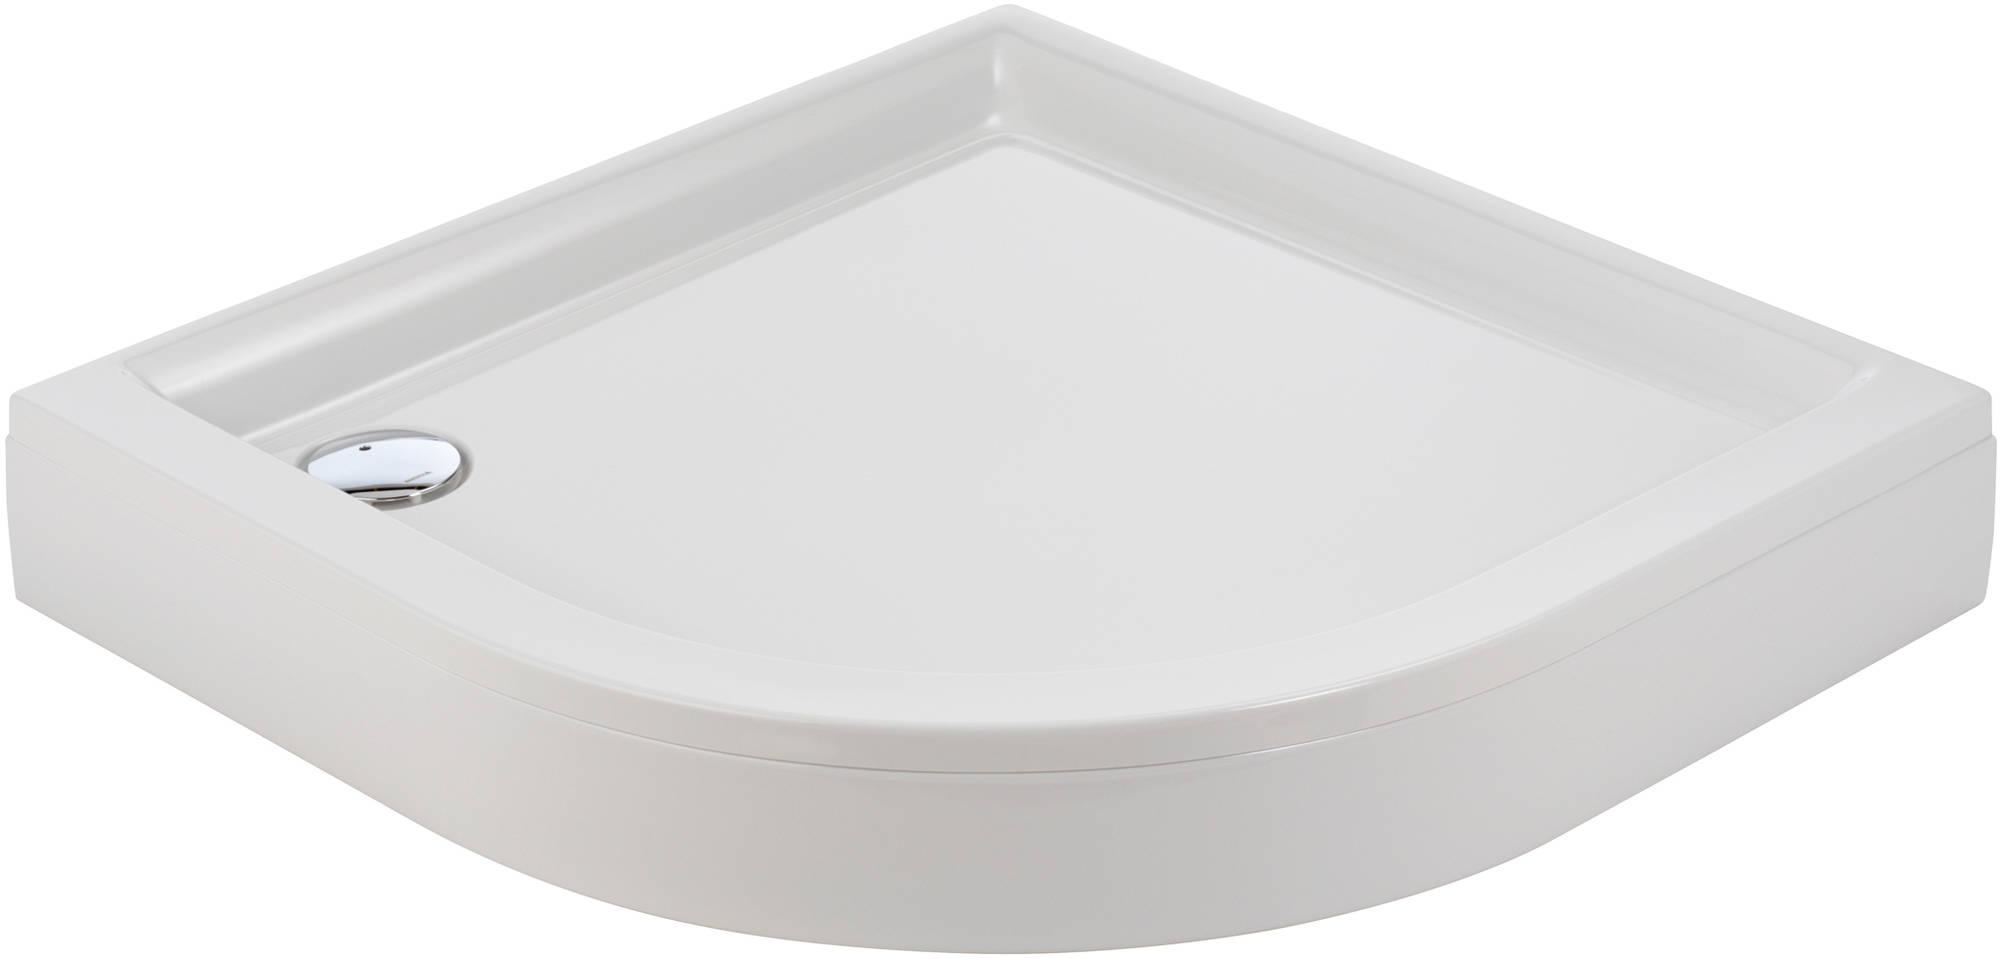 Sealskin Senso douchebak 1-4 rond 90x90cm met voorpaneel, wit